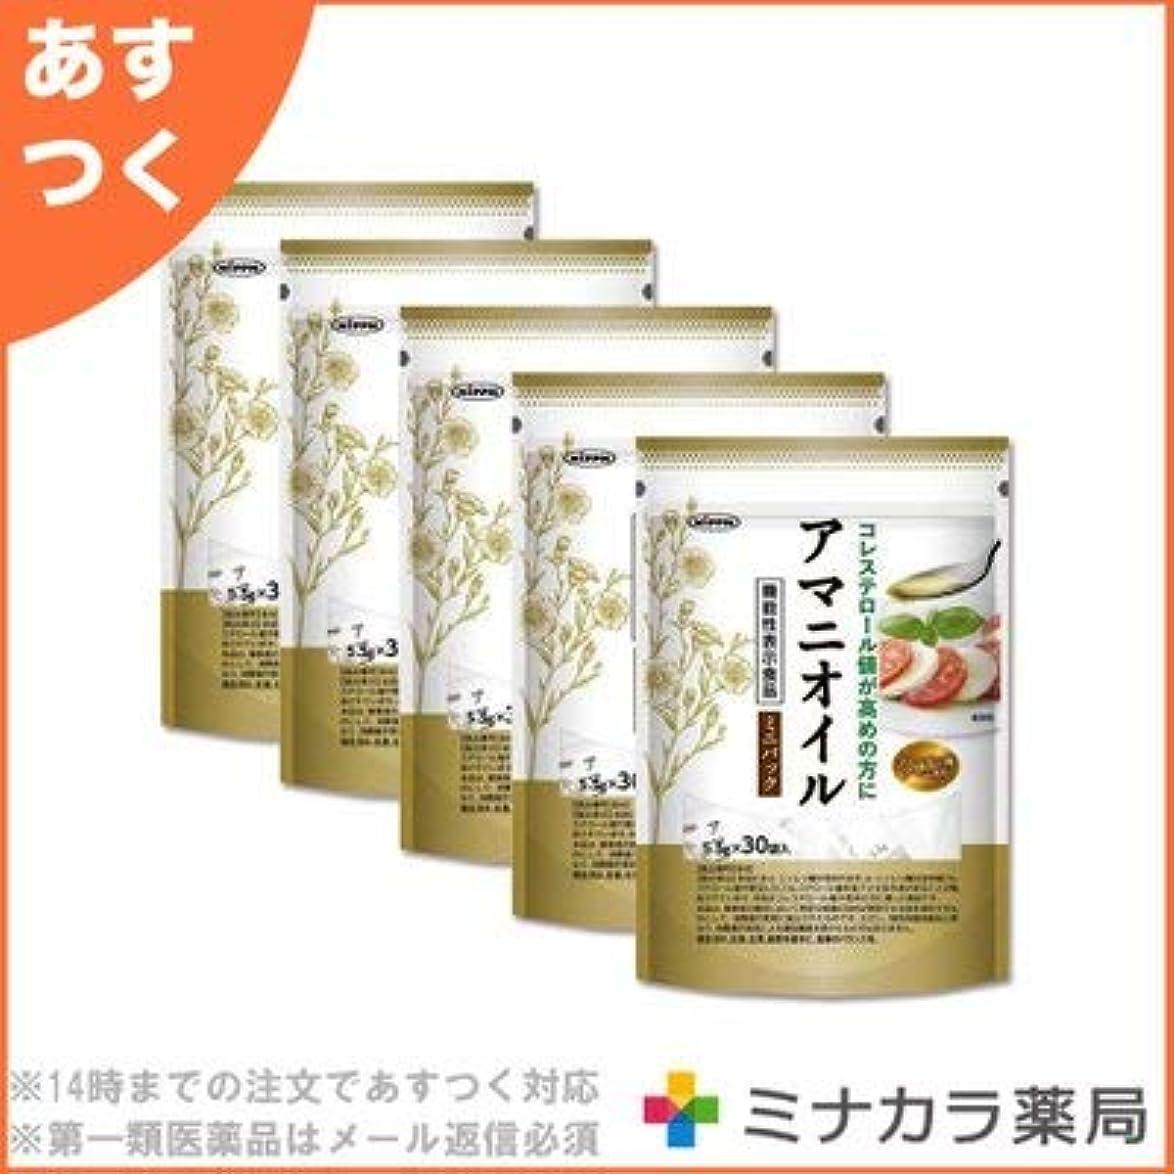 率直な歌ブラウザ日本製粉 アマニオイル ミニパック 5.5g×30 (機能性表示食品)×5個セット